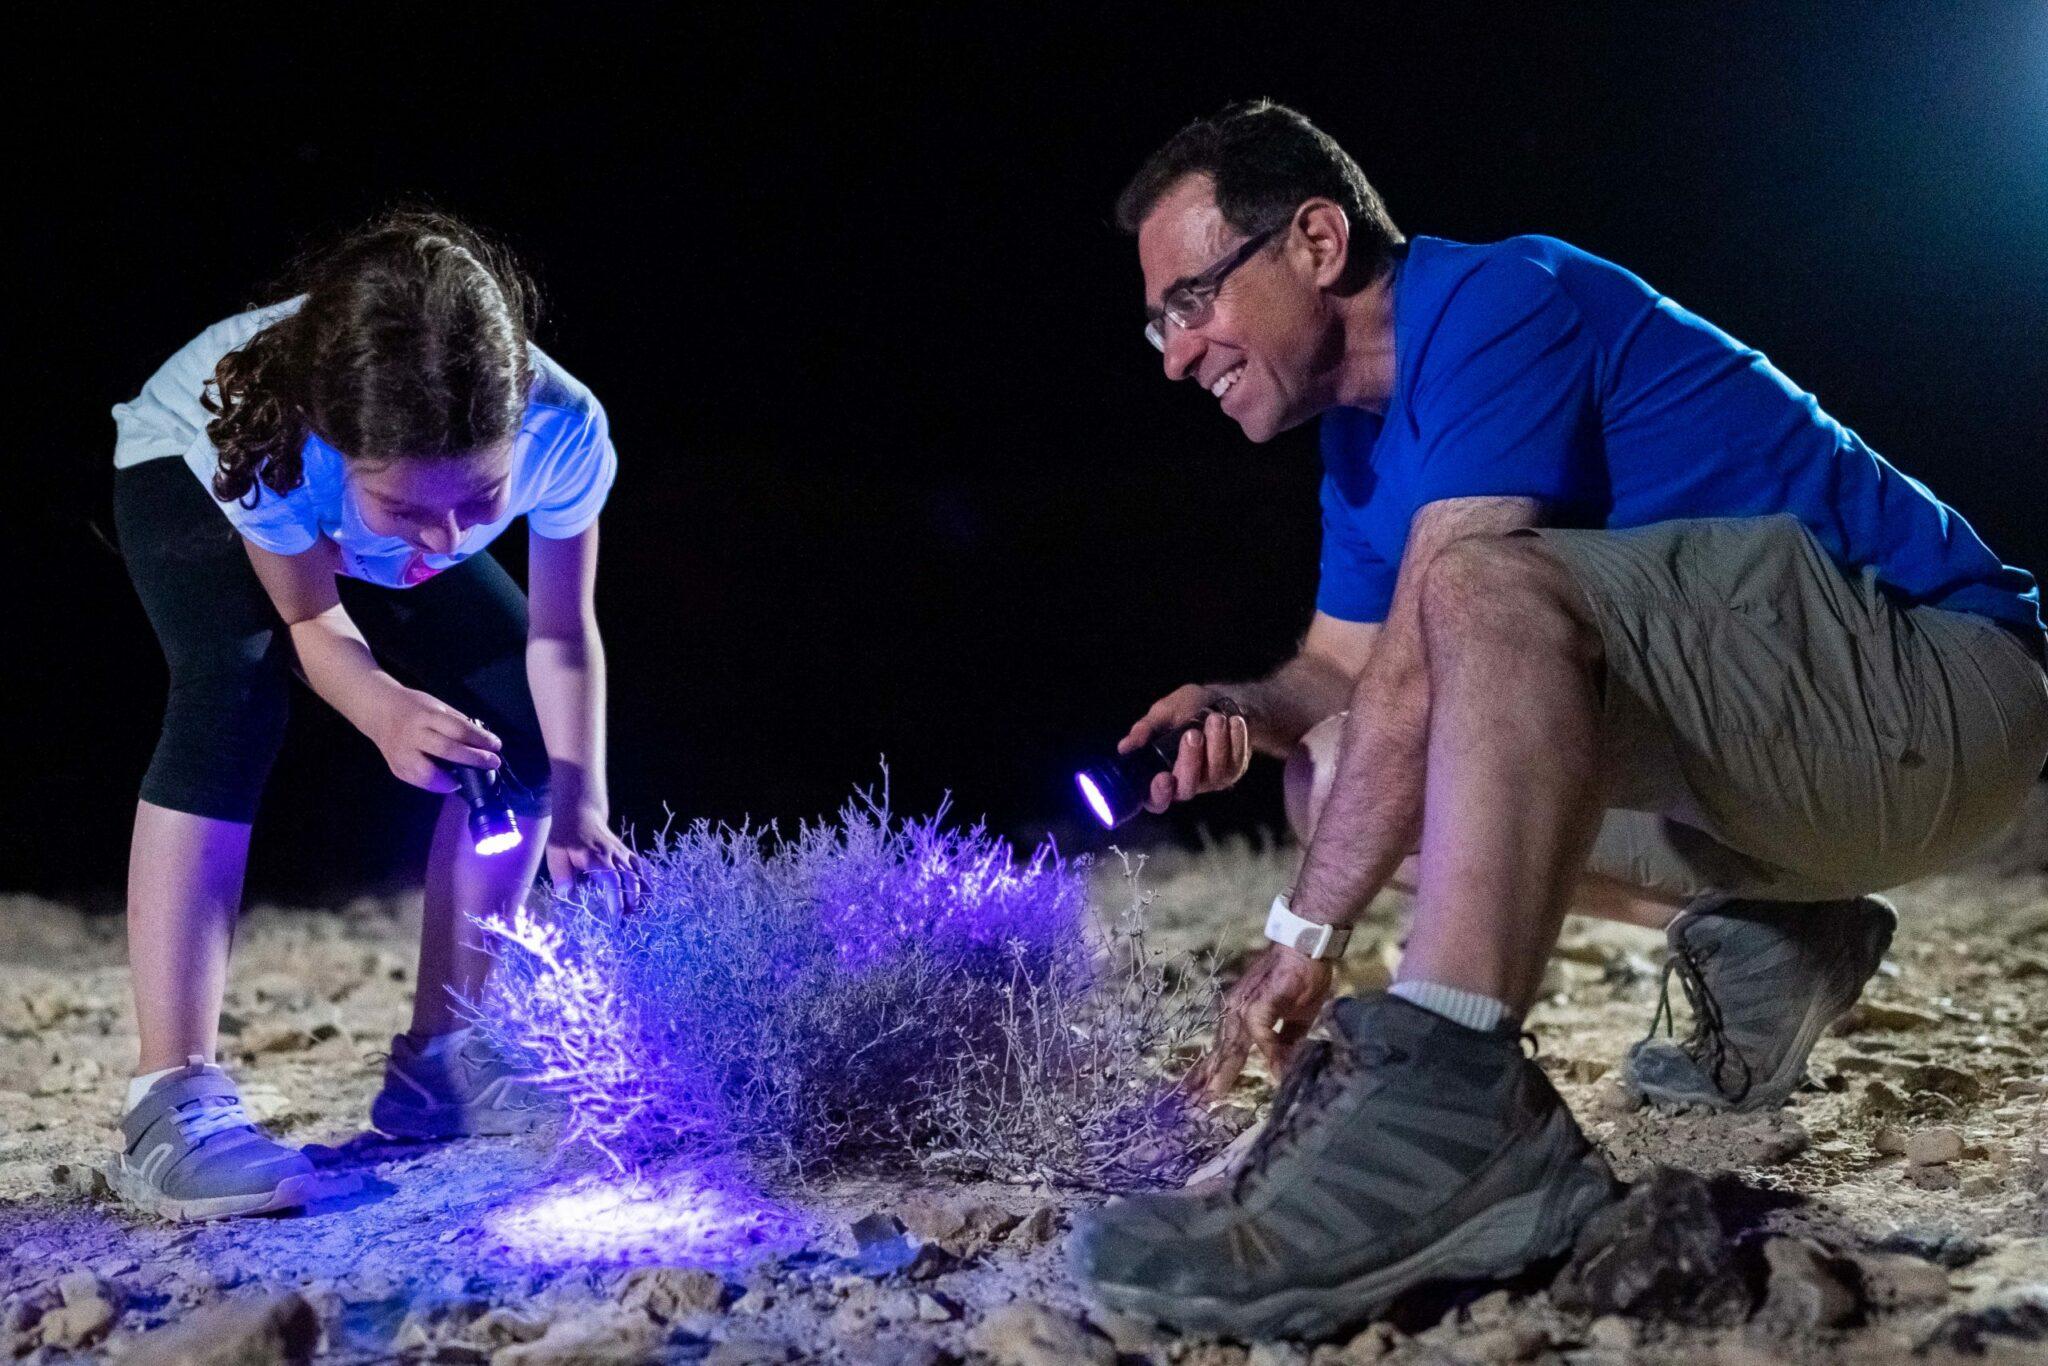 אב וילדה מחפשים עקרבים עם פנסים מיוחדים בנחל חווארים לילה